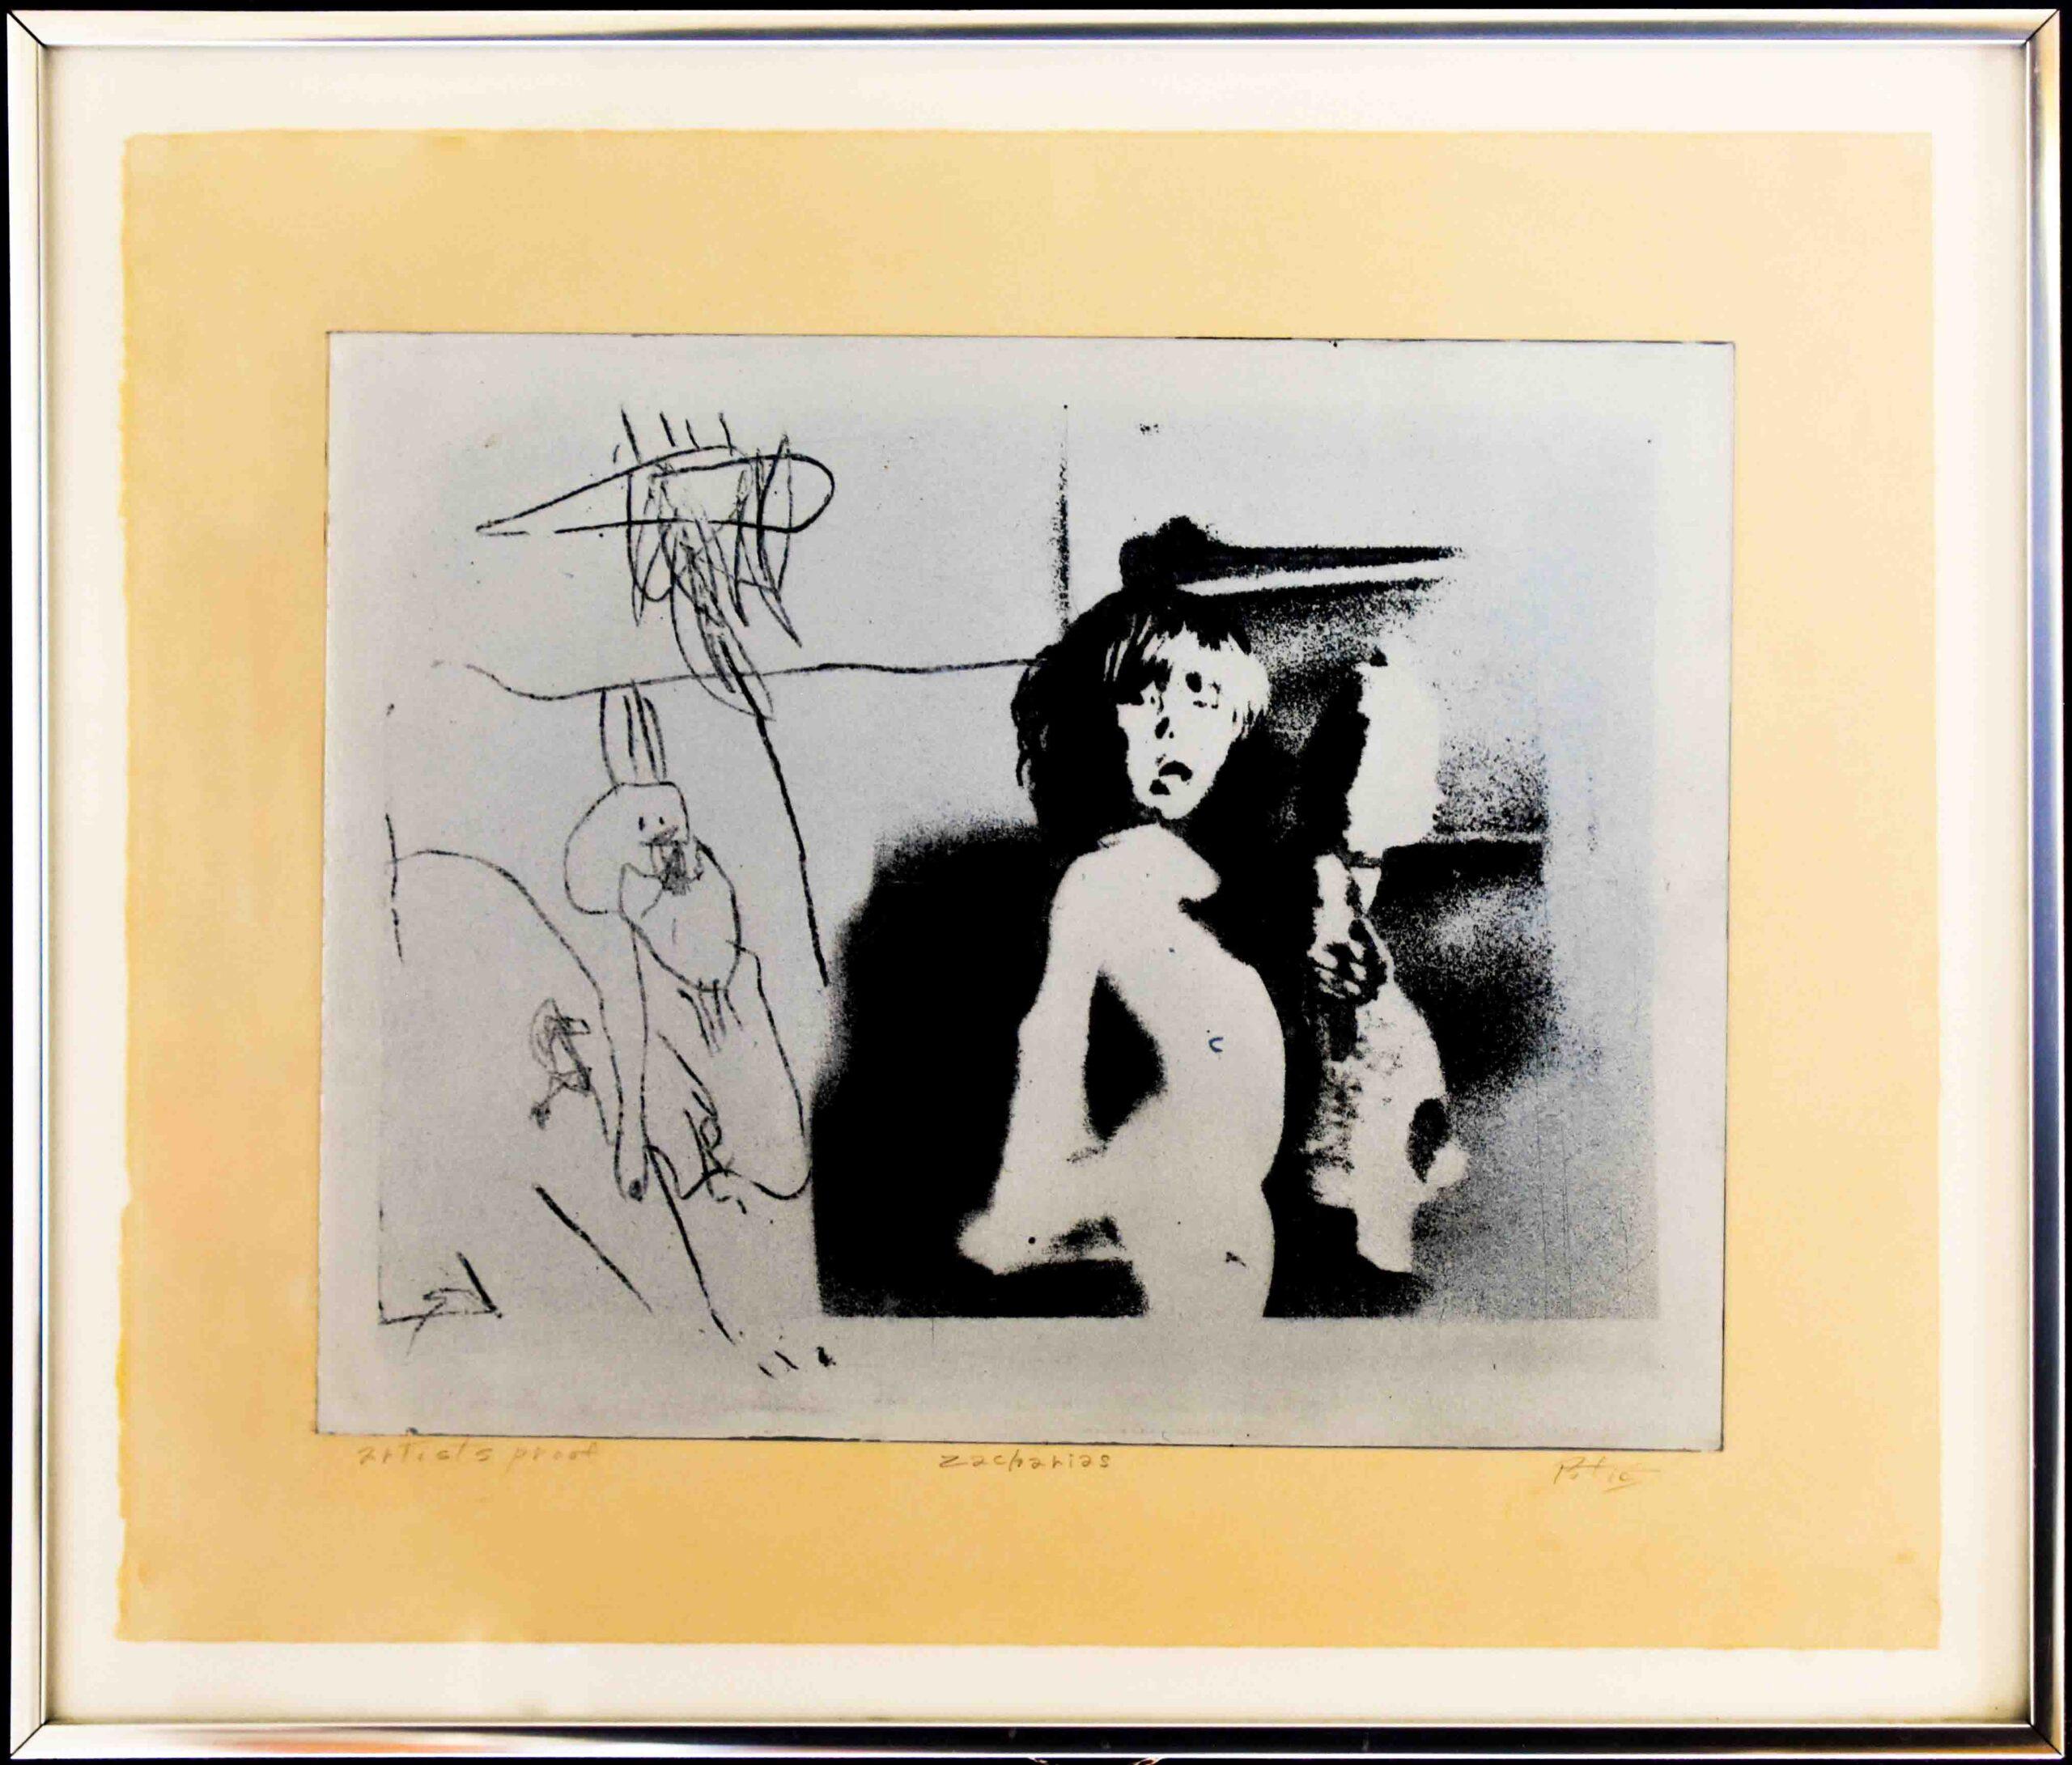 1975 Zacharias-intaglio on mylar18x24in by Raymond Potié